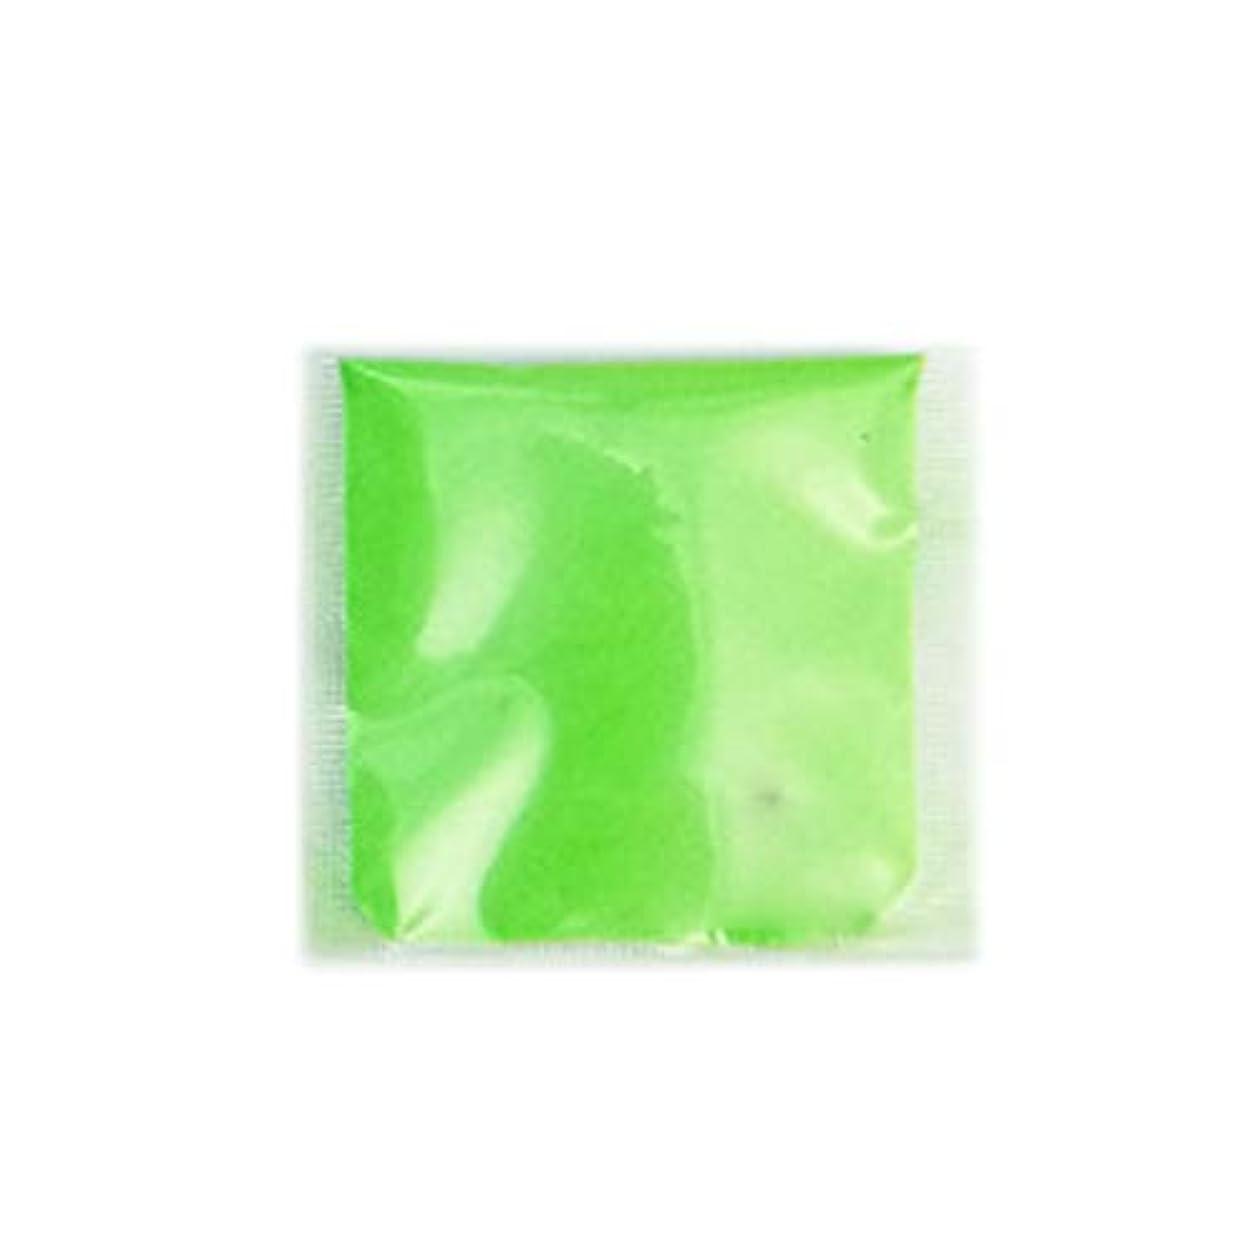 学習そこからジェーンオースティンslQinjiansavネイルアート&ツール修復ツール10g浸漬顔料パウダーマニキュア蛍光グリッターダストDIYネイルアート装飾 - アップルグリーン